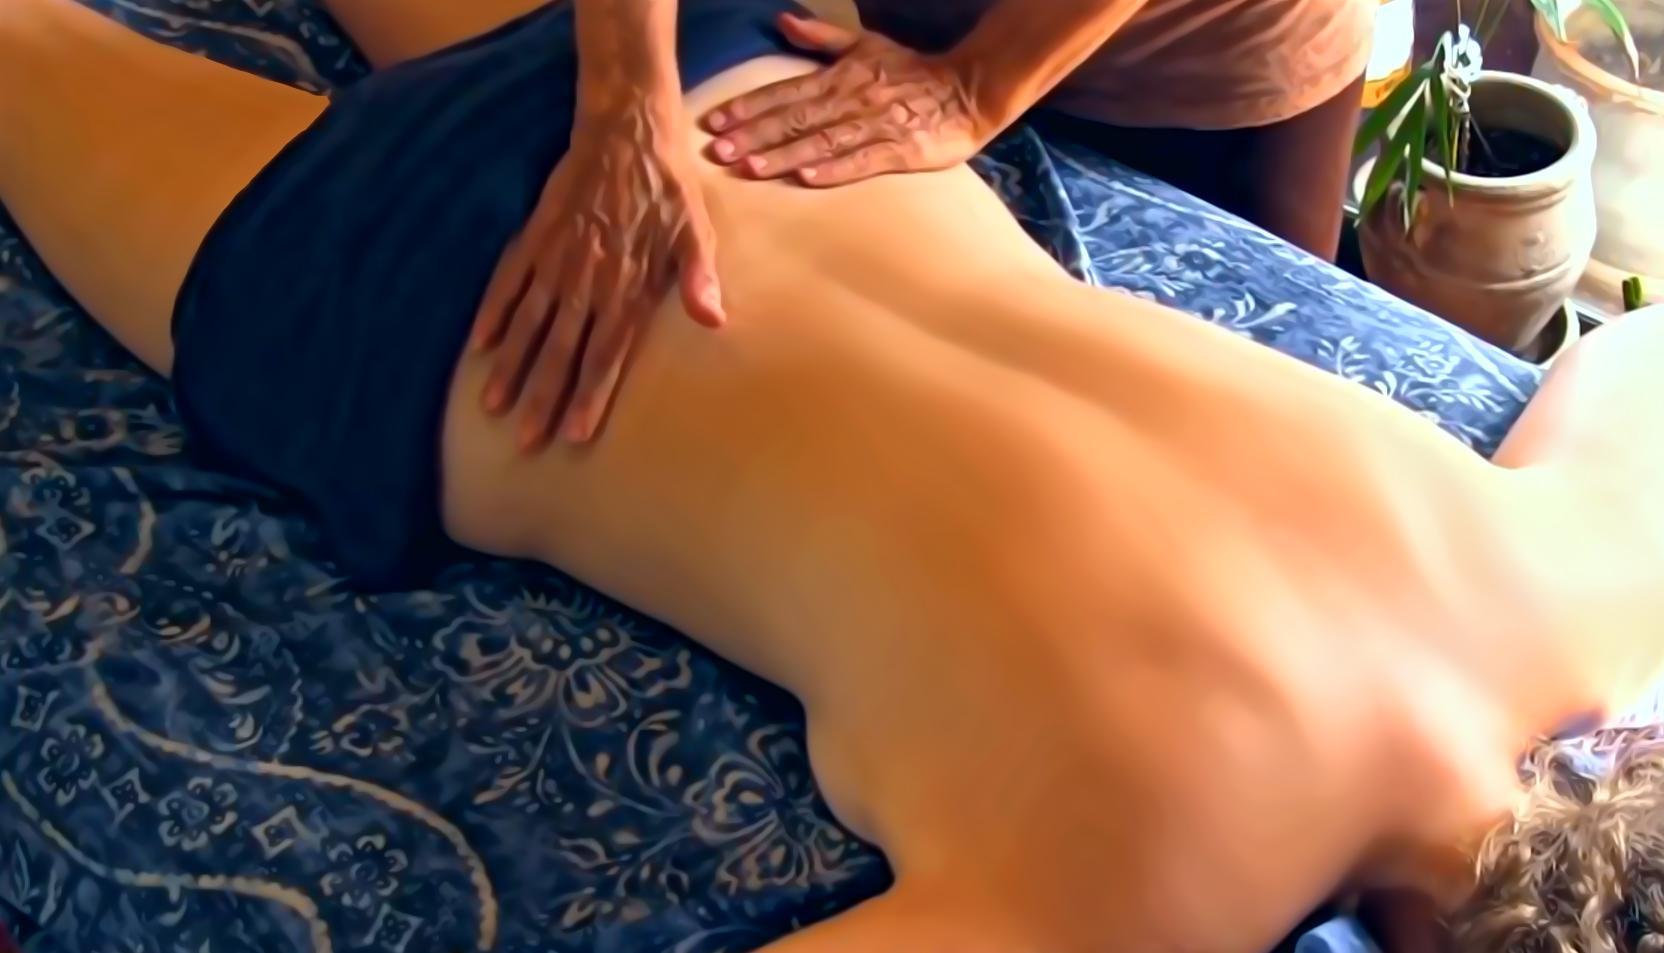 Молодой человек делает массаж киске — 4